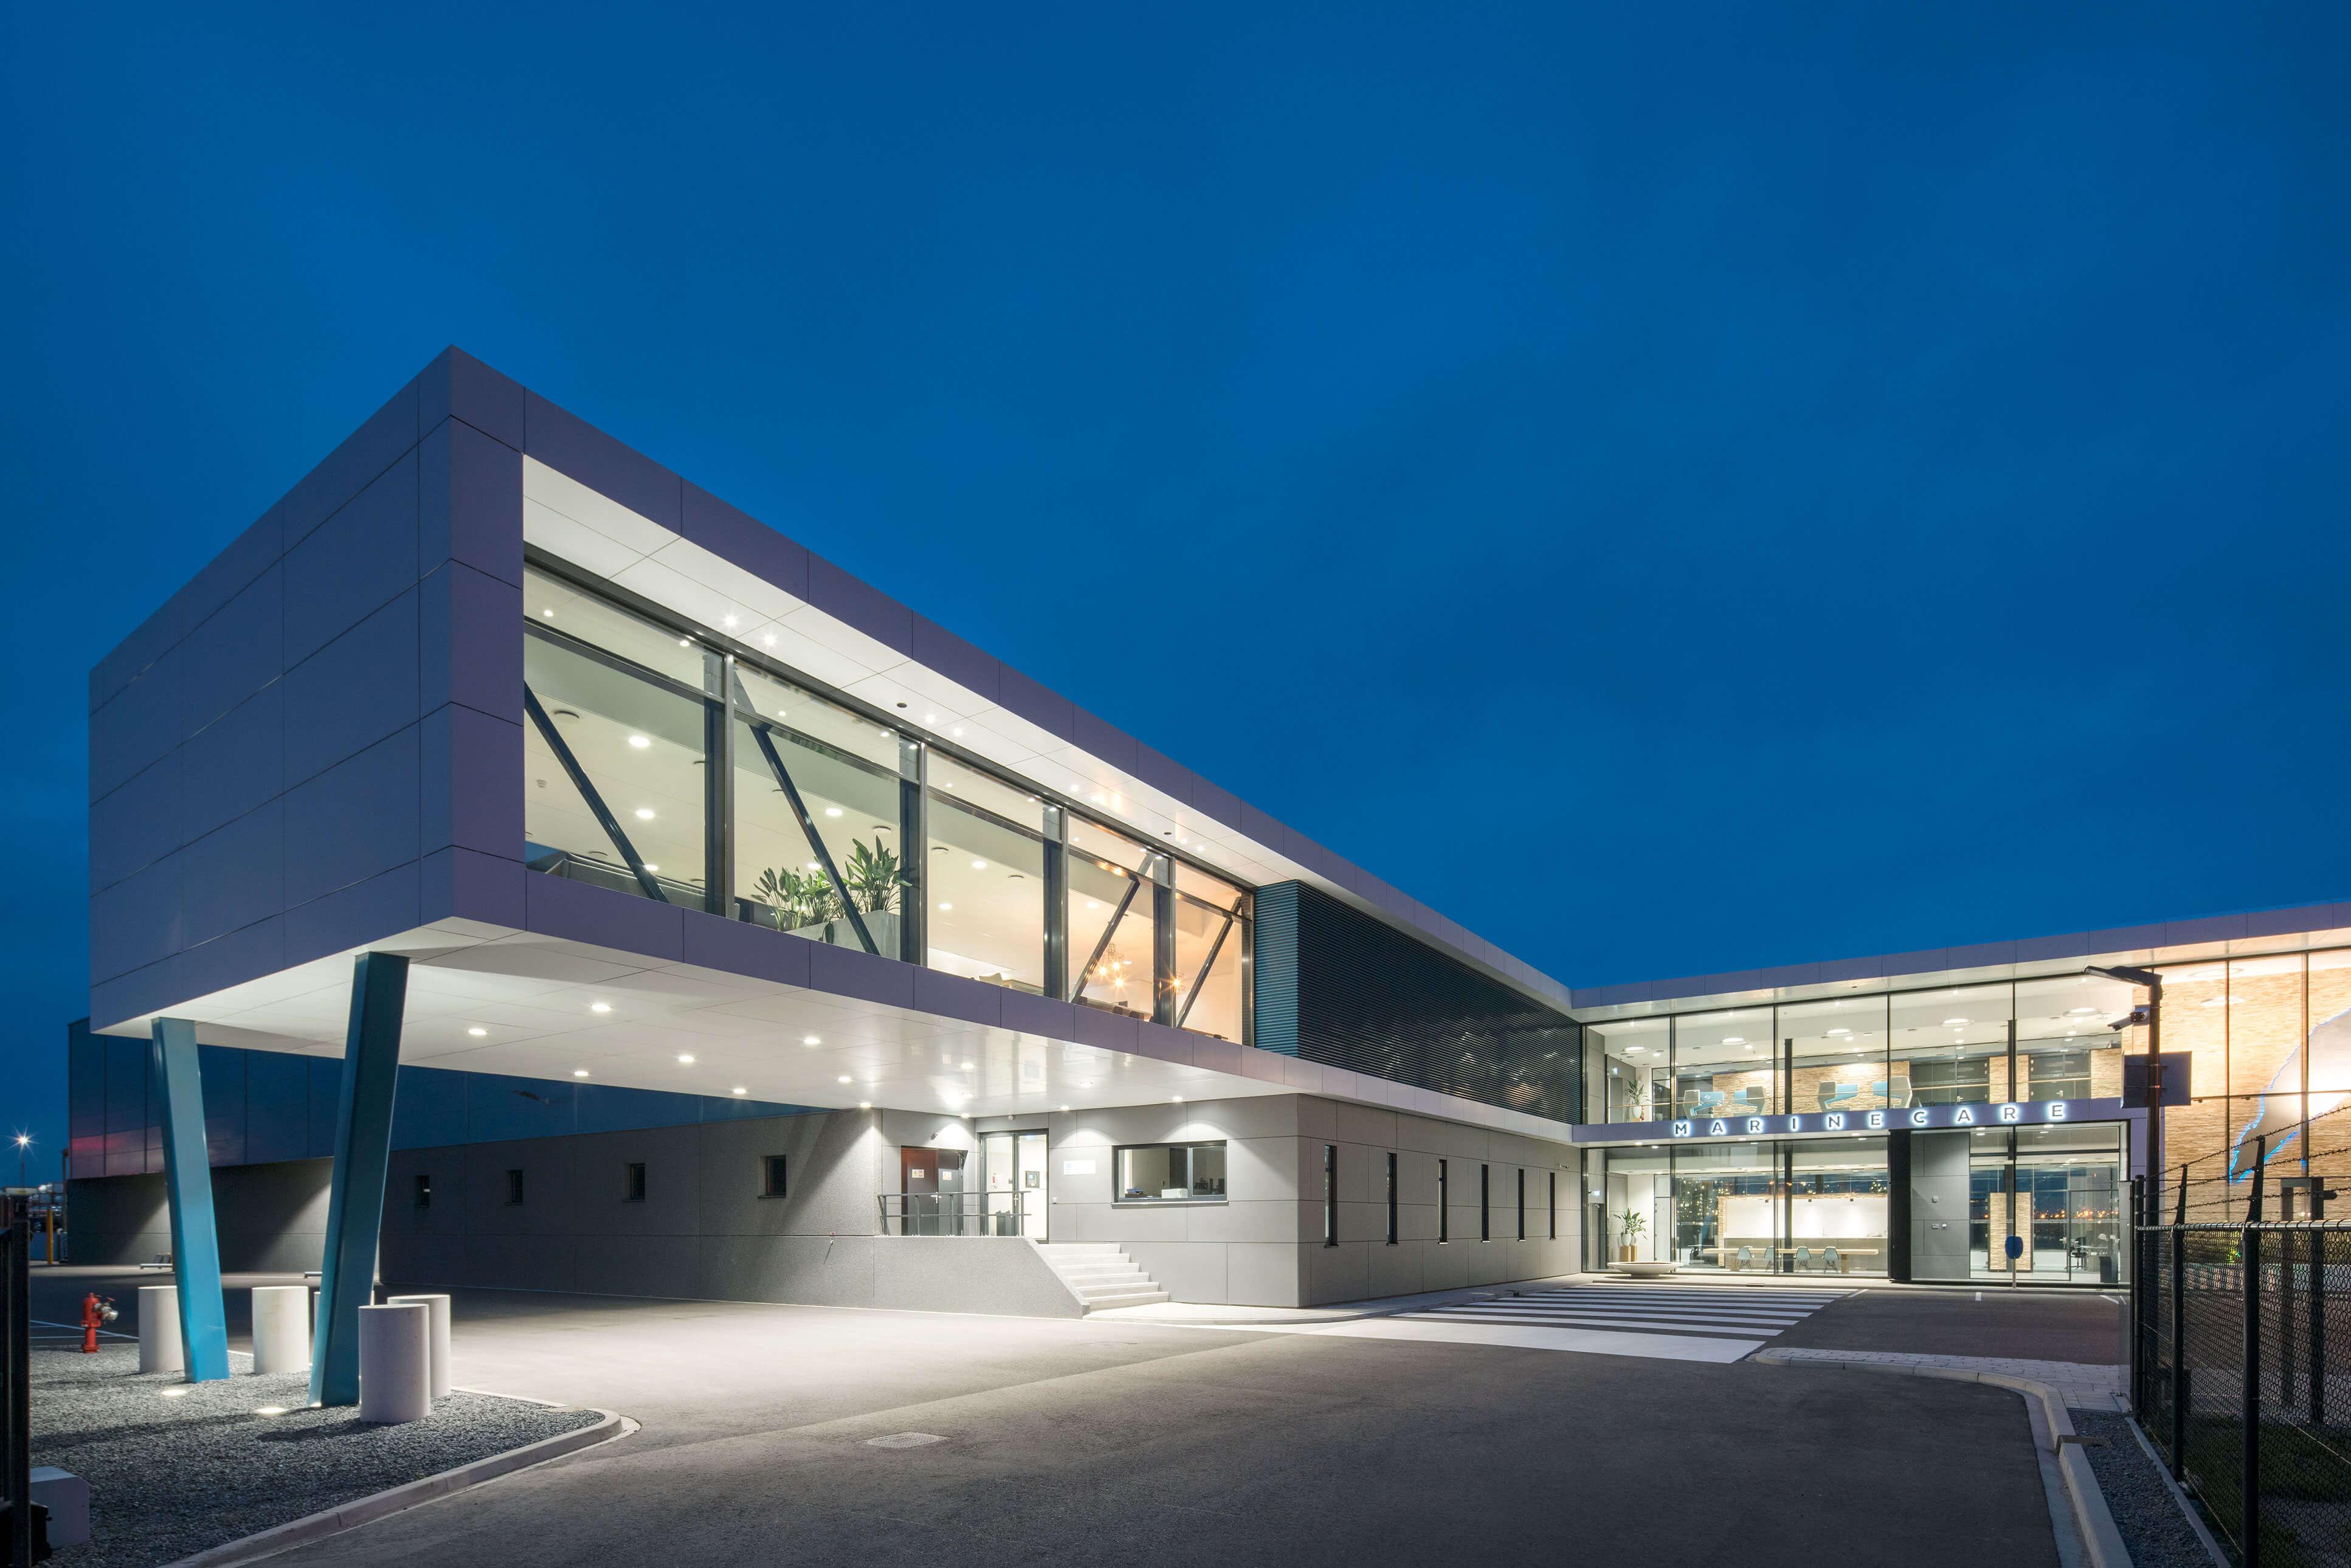 HDK architecten - Fotograaf: Frans Hanswijk Fotografie